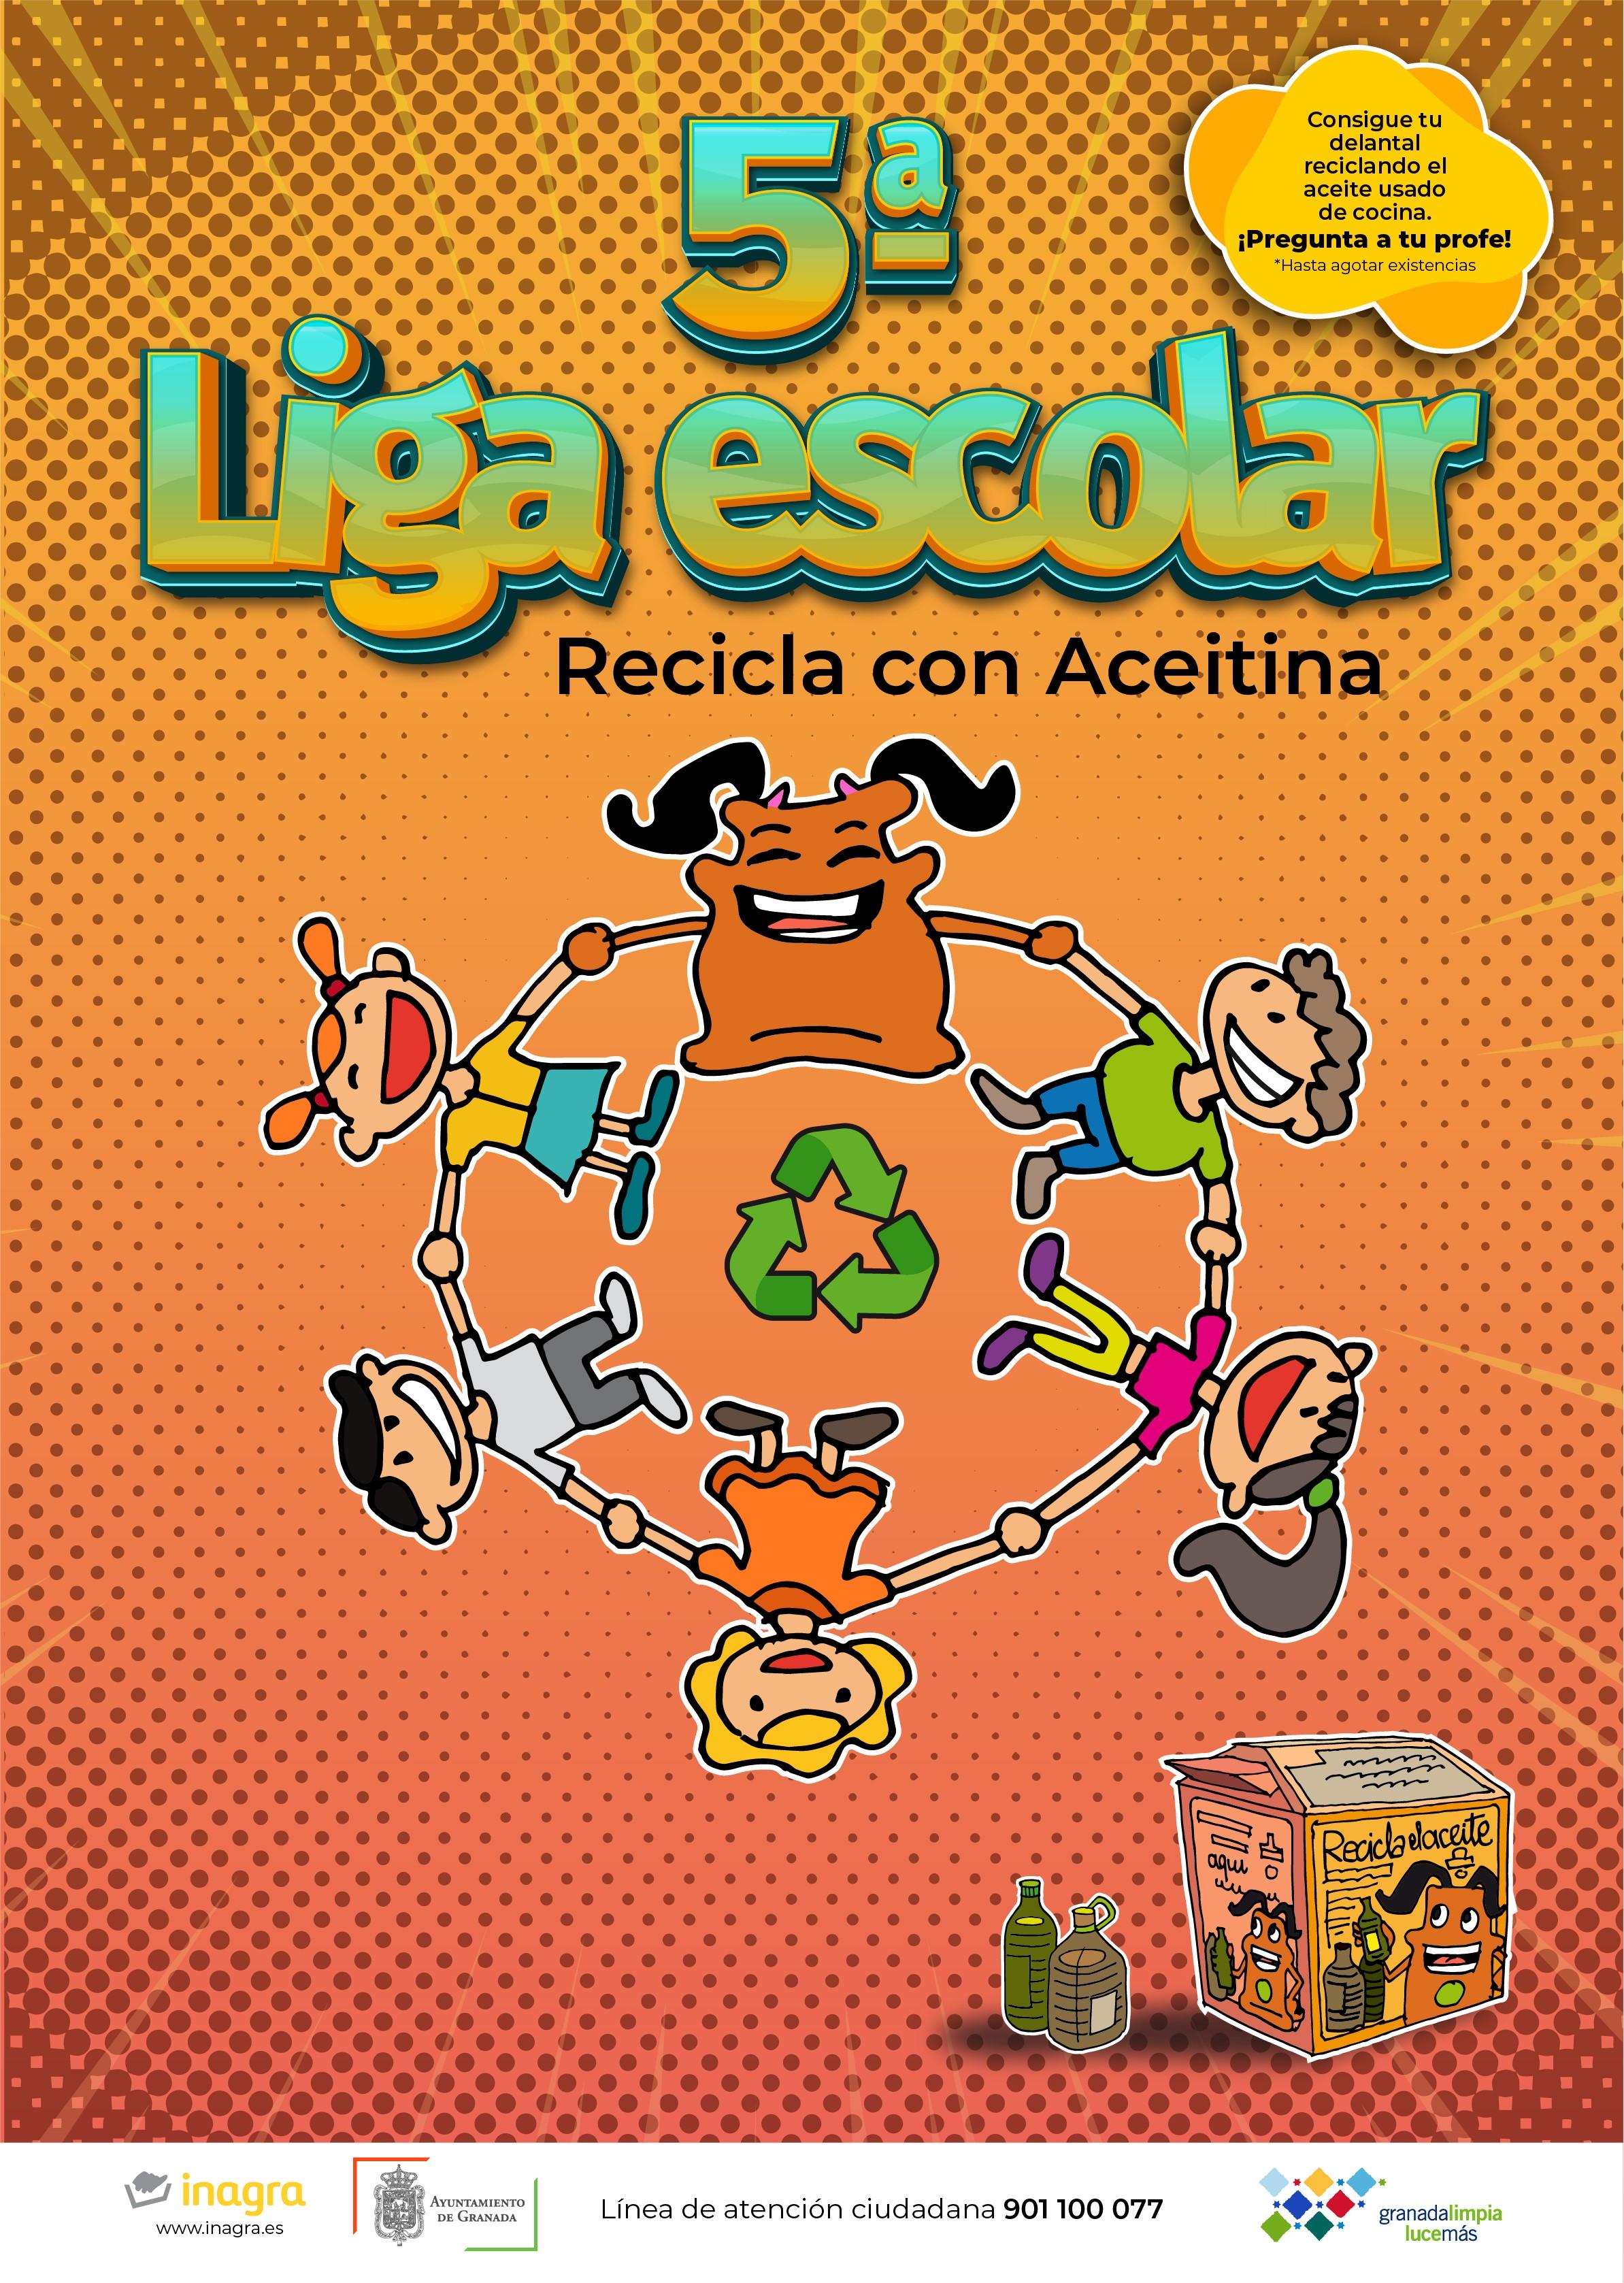 La liga «Aceitina» incentivará a los escolares a reciclar el aceite doméstico